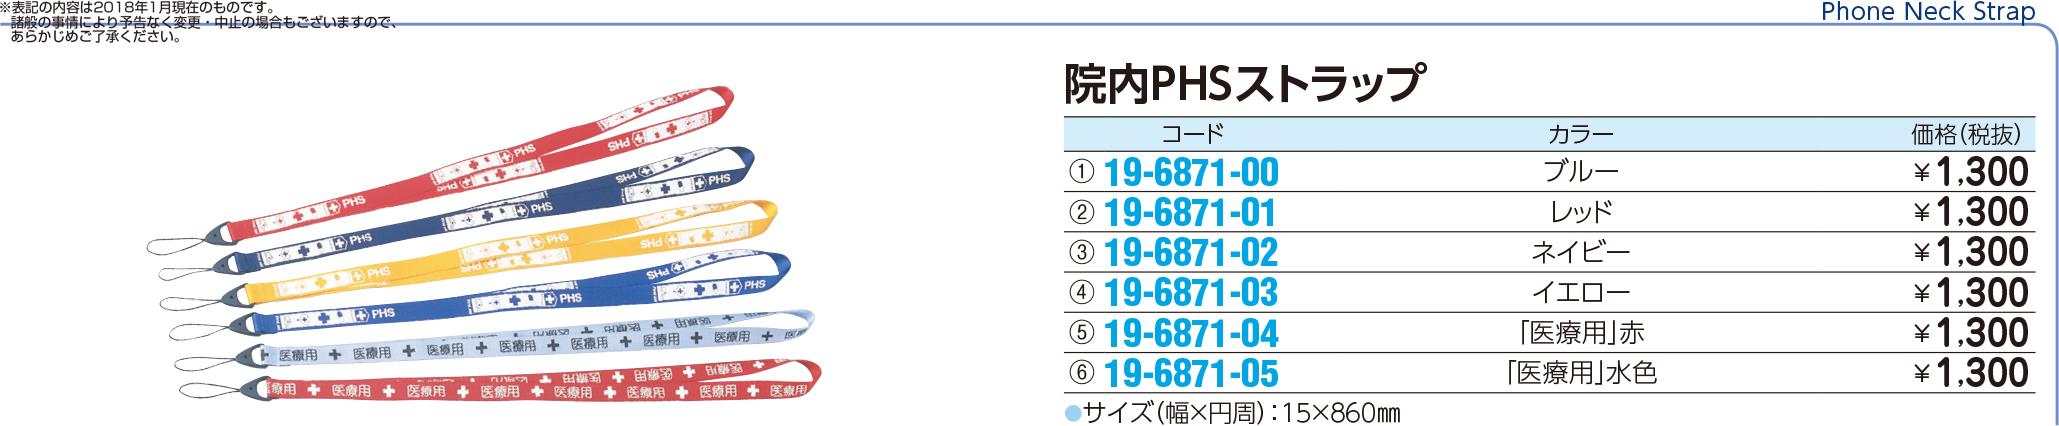 (19-6871-00)院内PHSストラップ 26-3202-01(ブルー) インナイPHSストラップ【1本単位】【2018年カタログ商品】